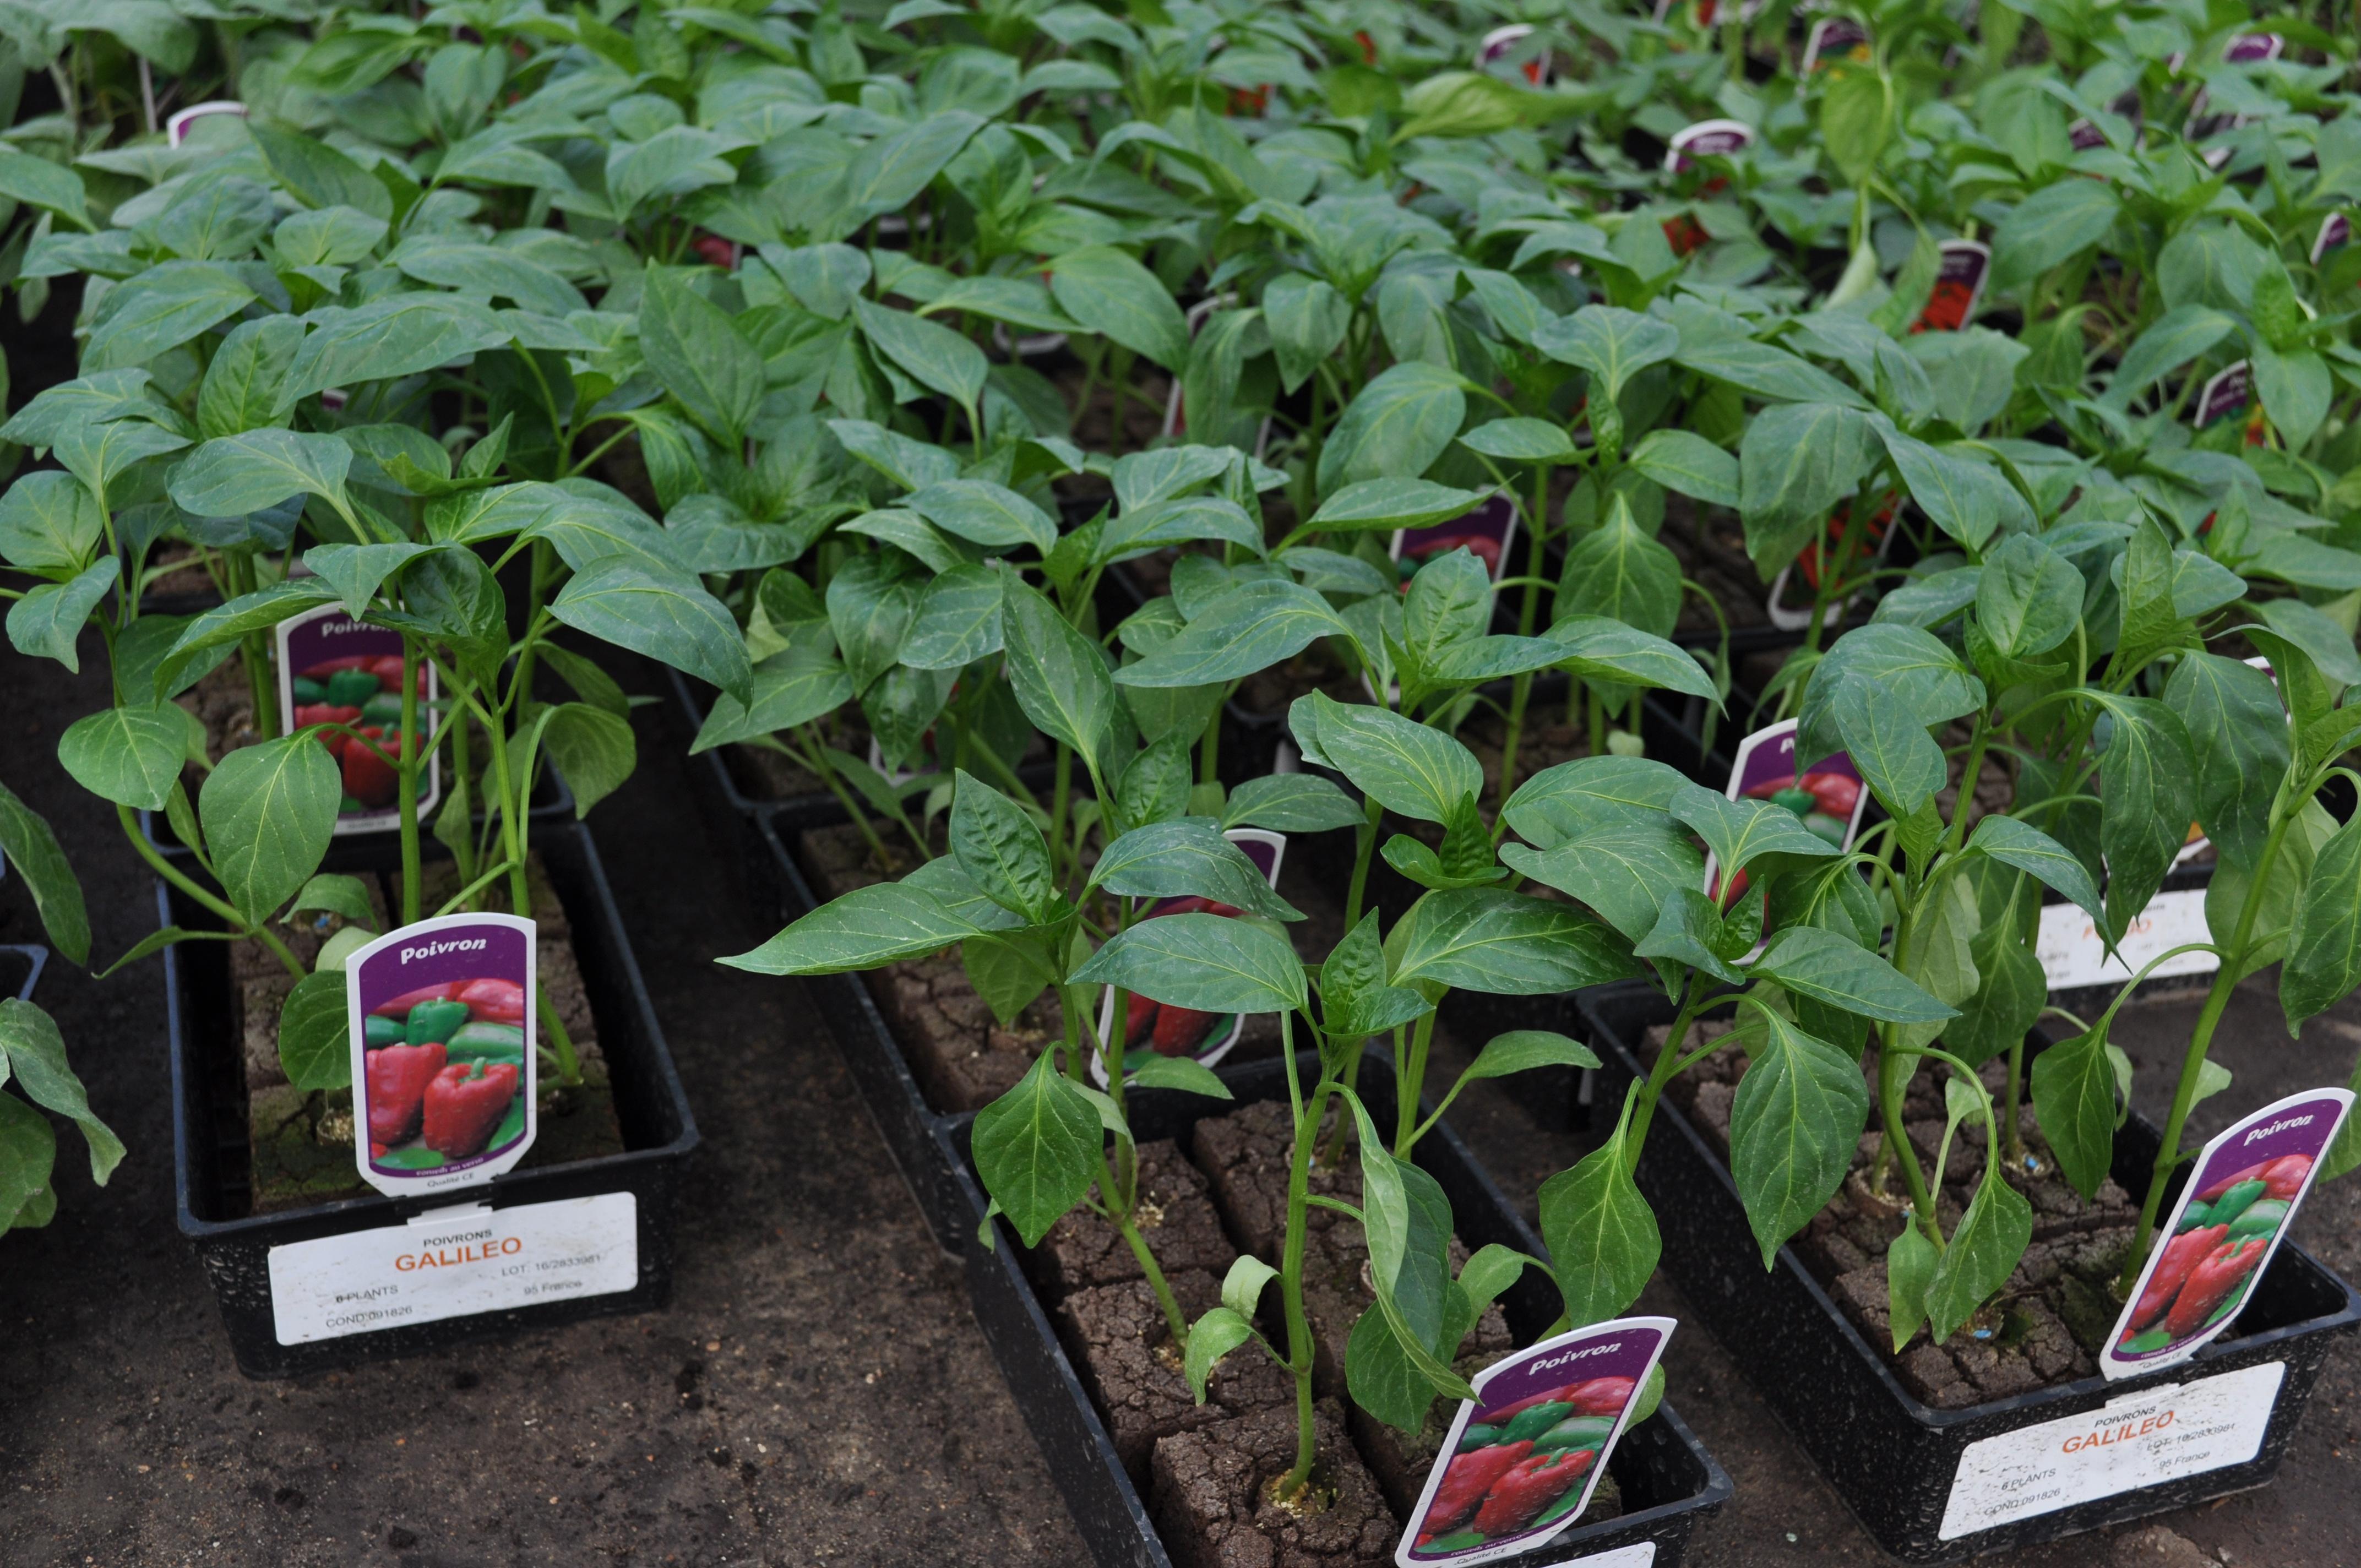 Les serres de maubuisson - Comment planter des poivrons ...